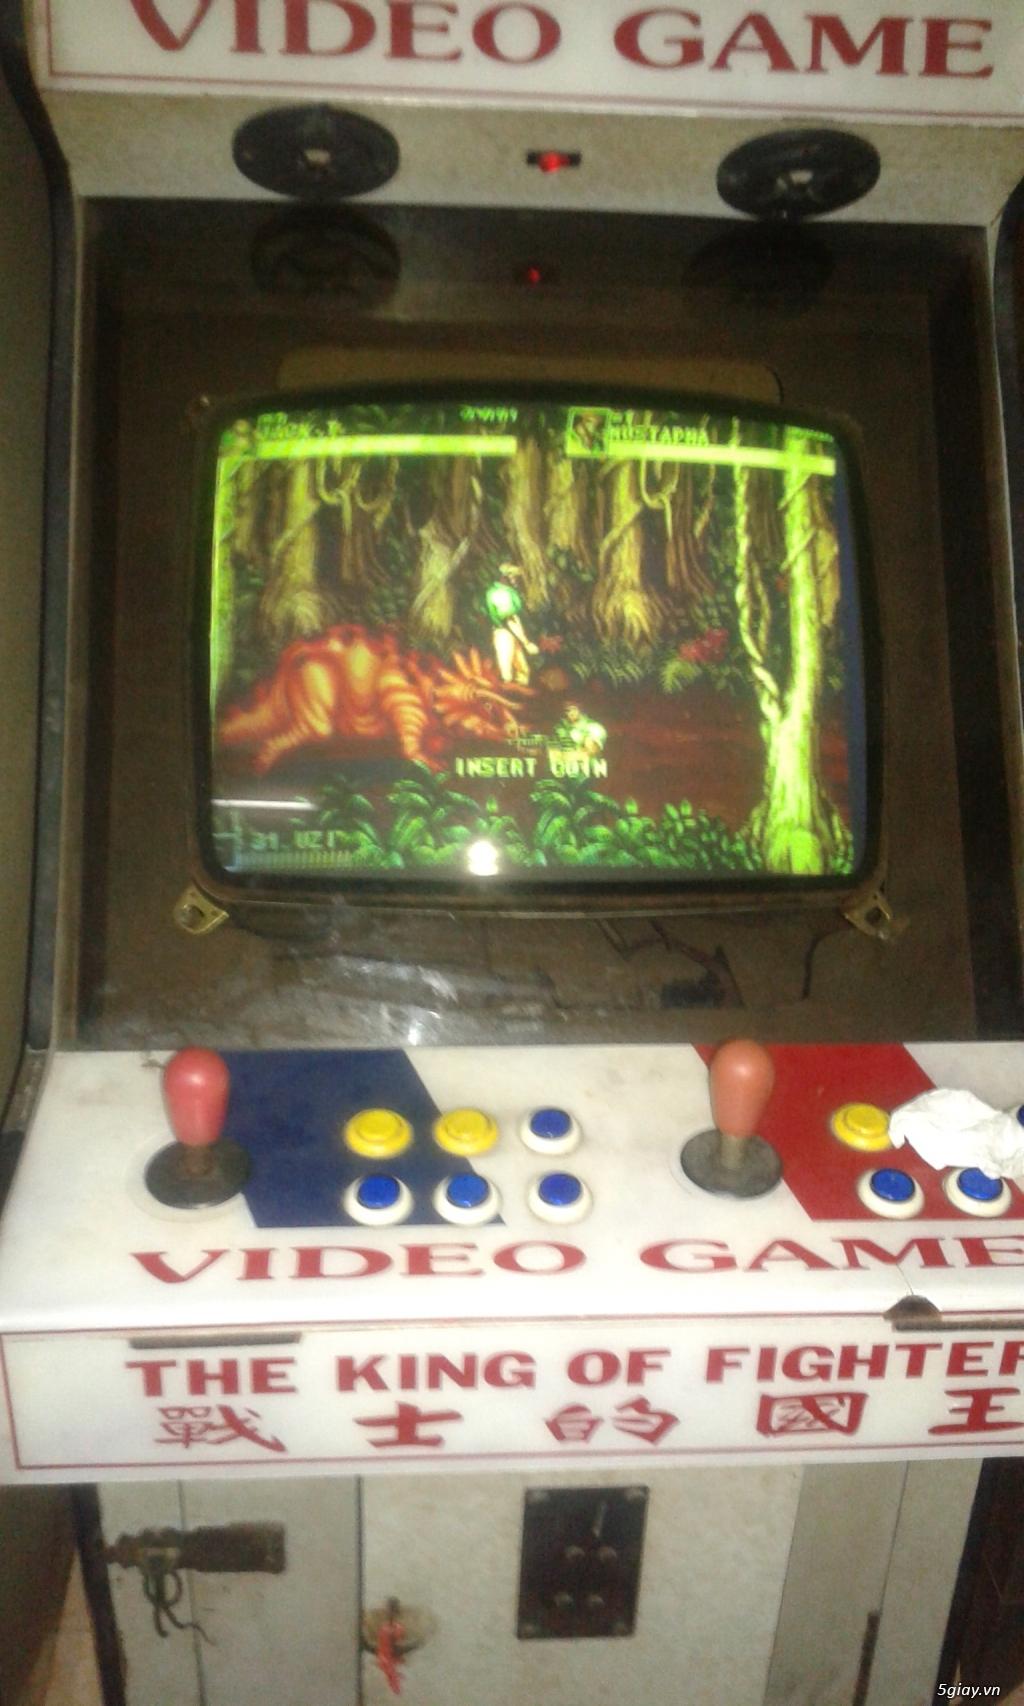 máy game ps2-160g đến 500g đủ loại giá rẽ đây máy game wii giá 1tr  1đổi1 không chờ sữa-PS4 Đời 1200 - 25